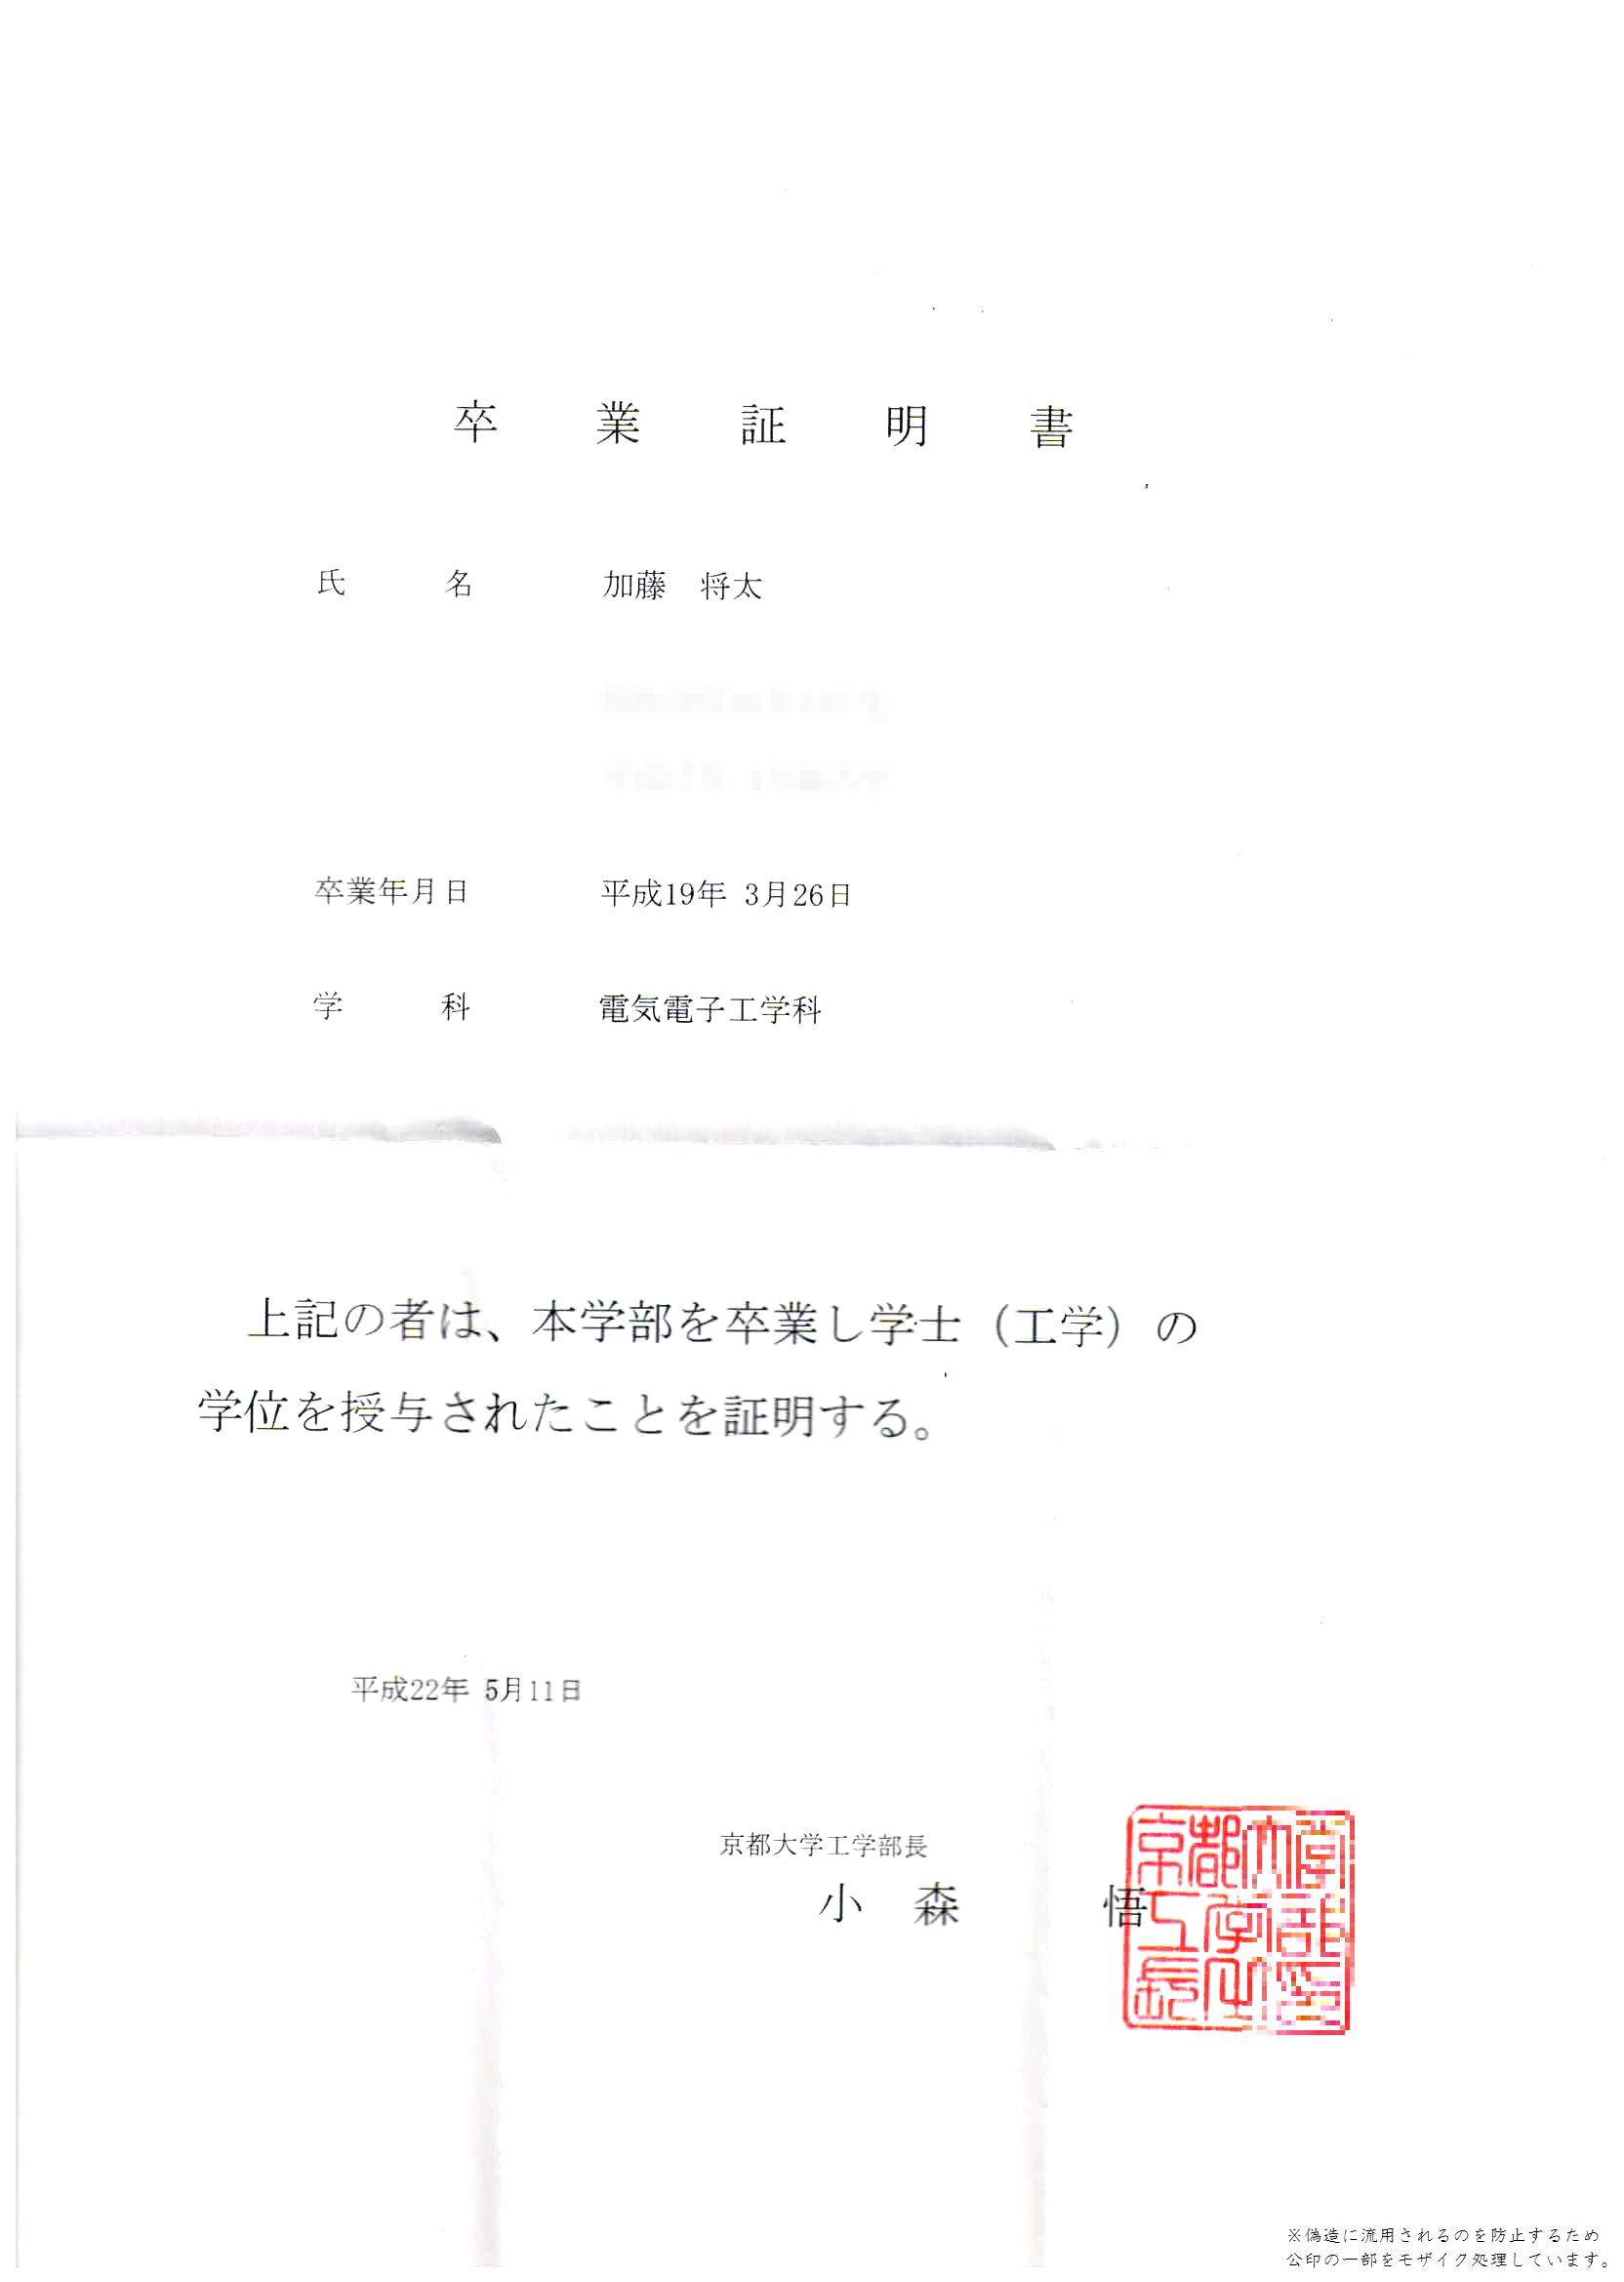 京都大学工学部卒業証明書